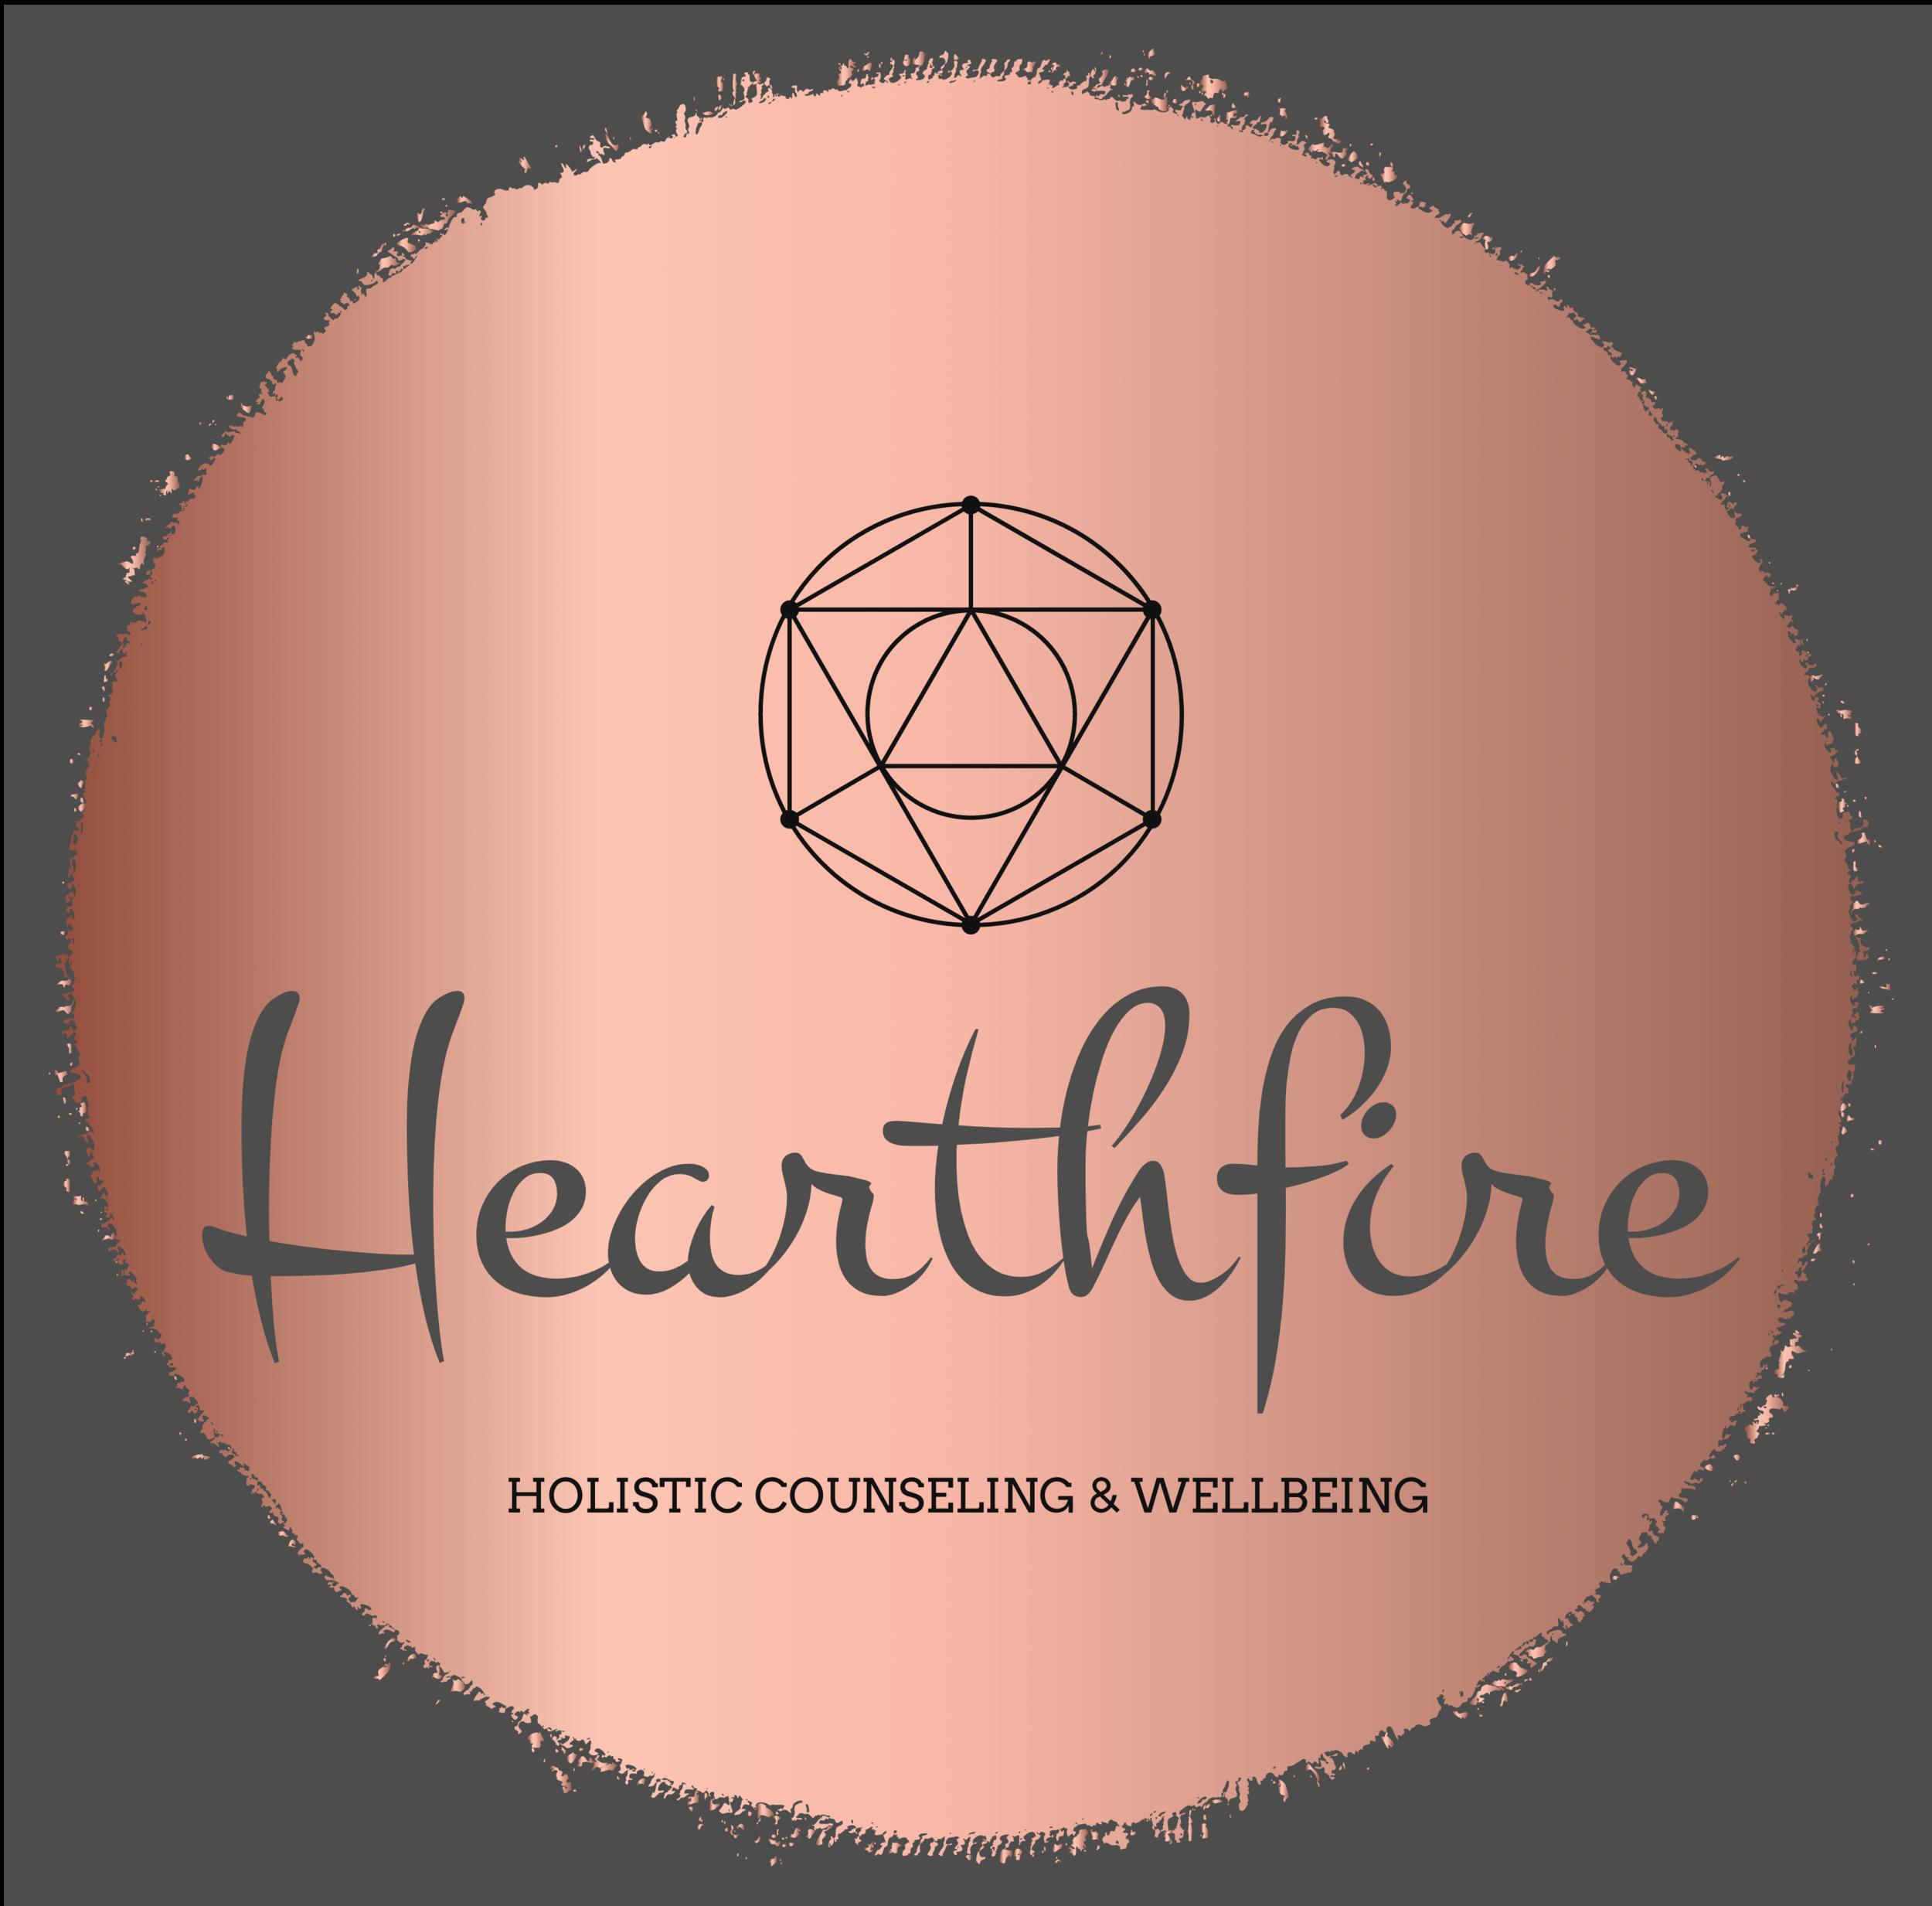 hearthfire.png